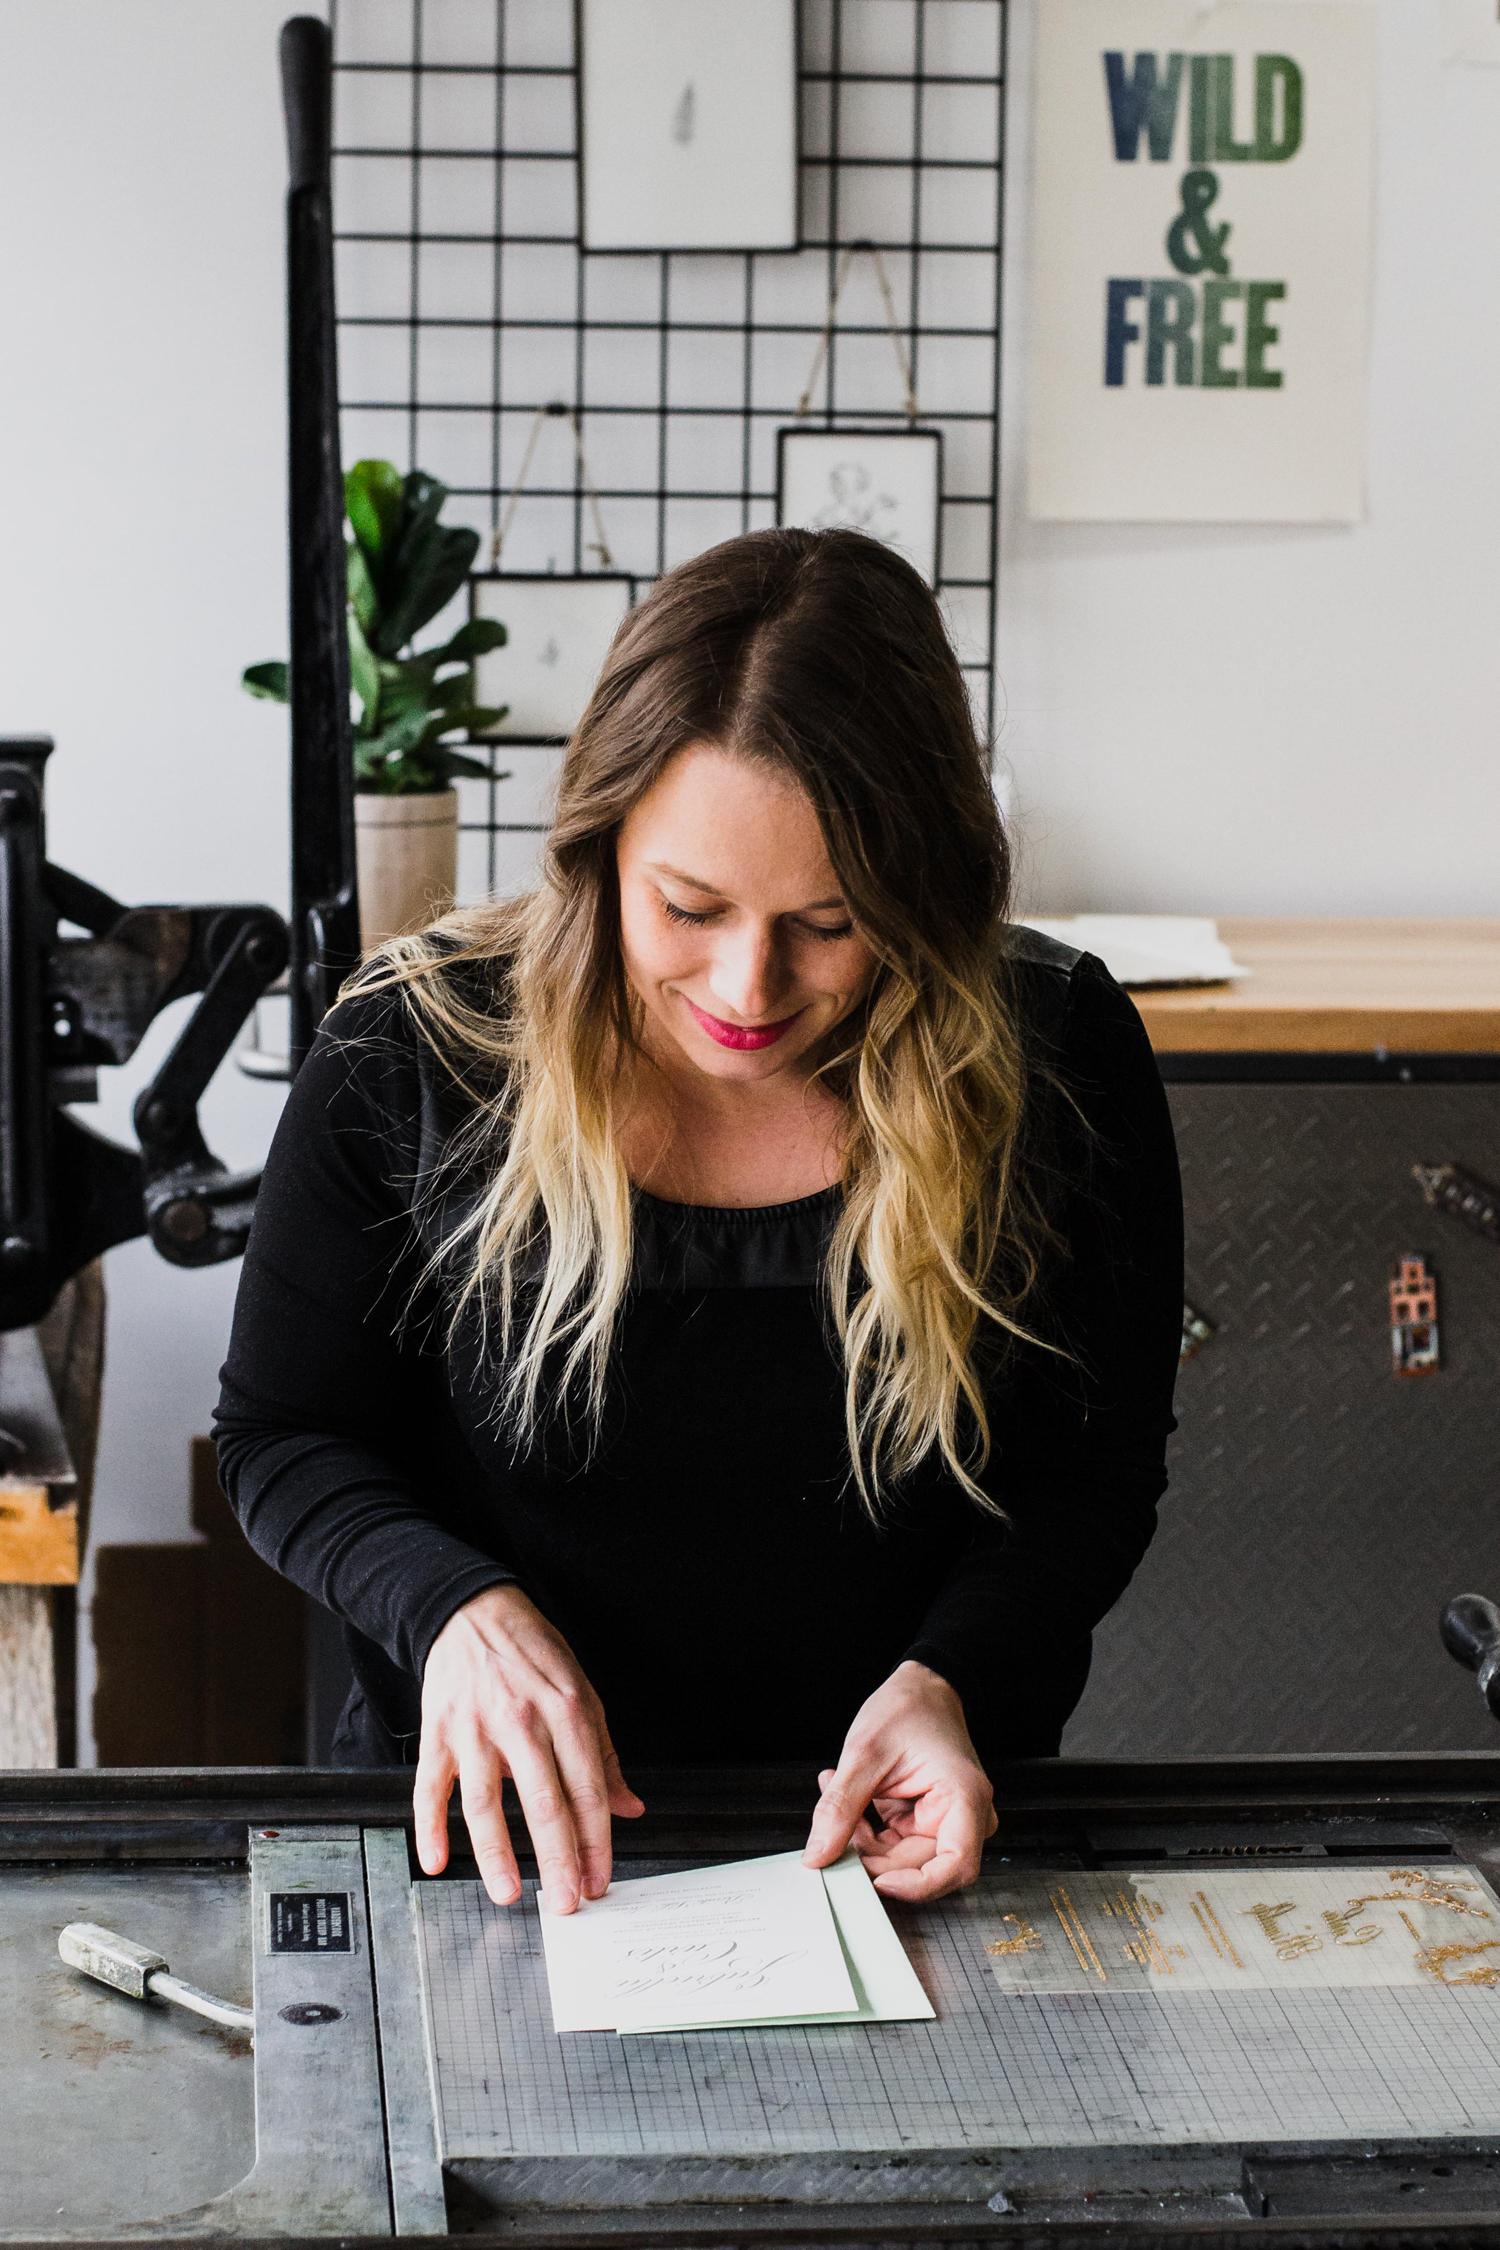 Amanda Keenan graphic designer